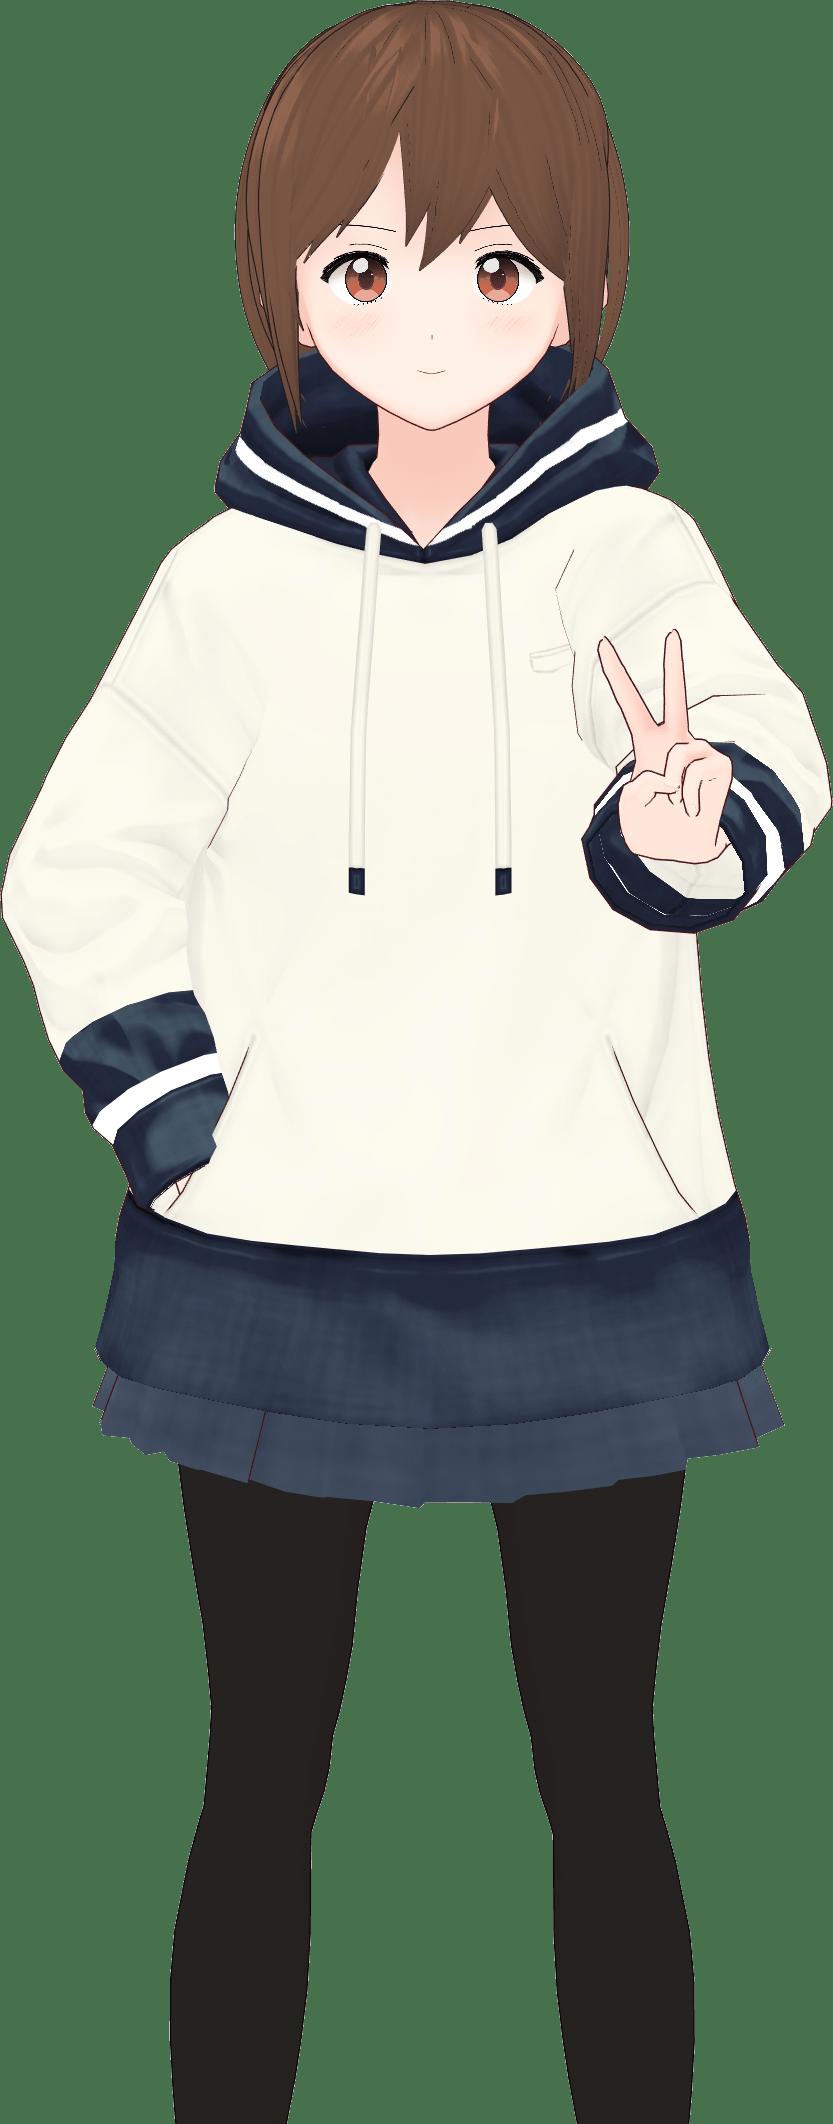 kawaii character